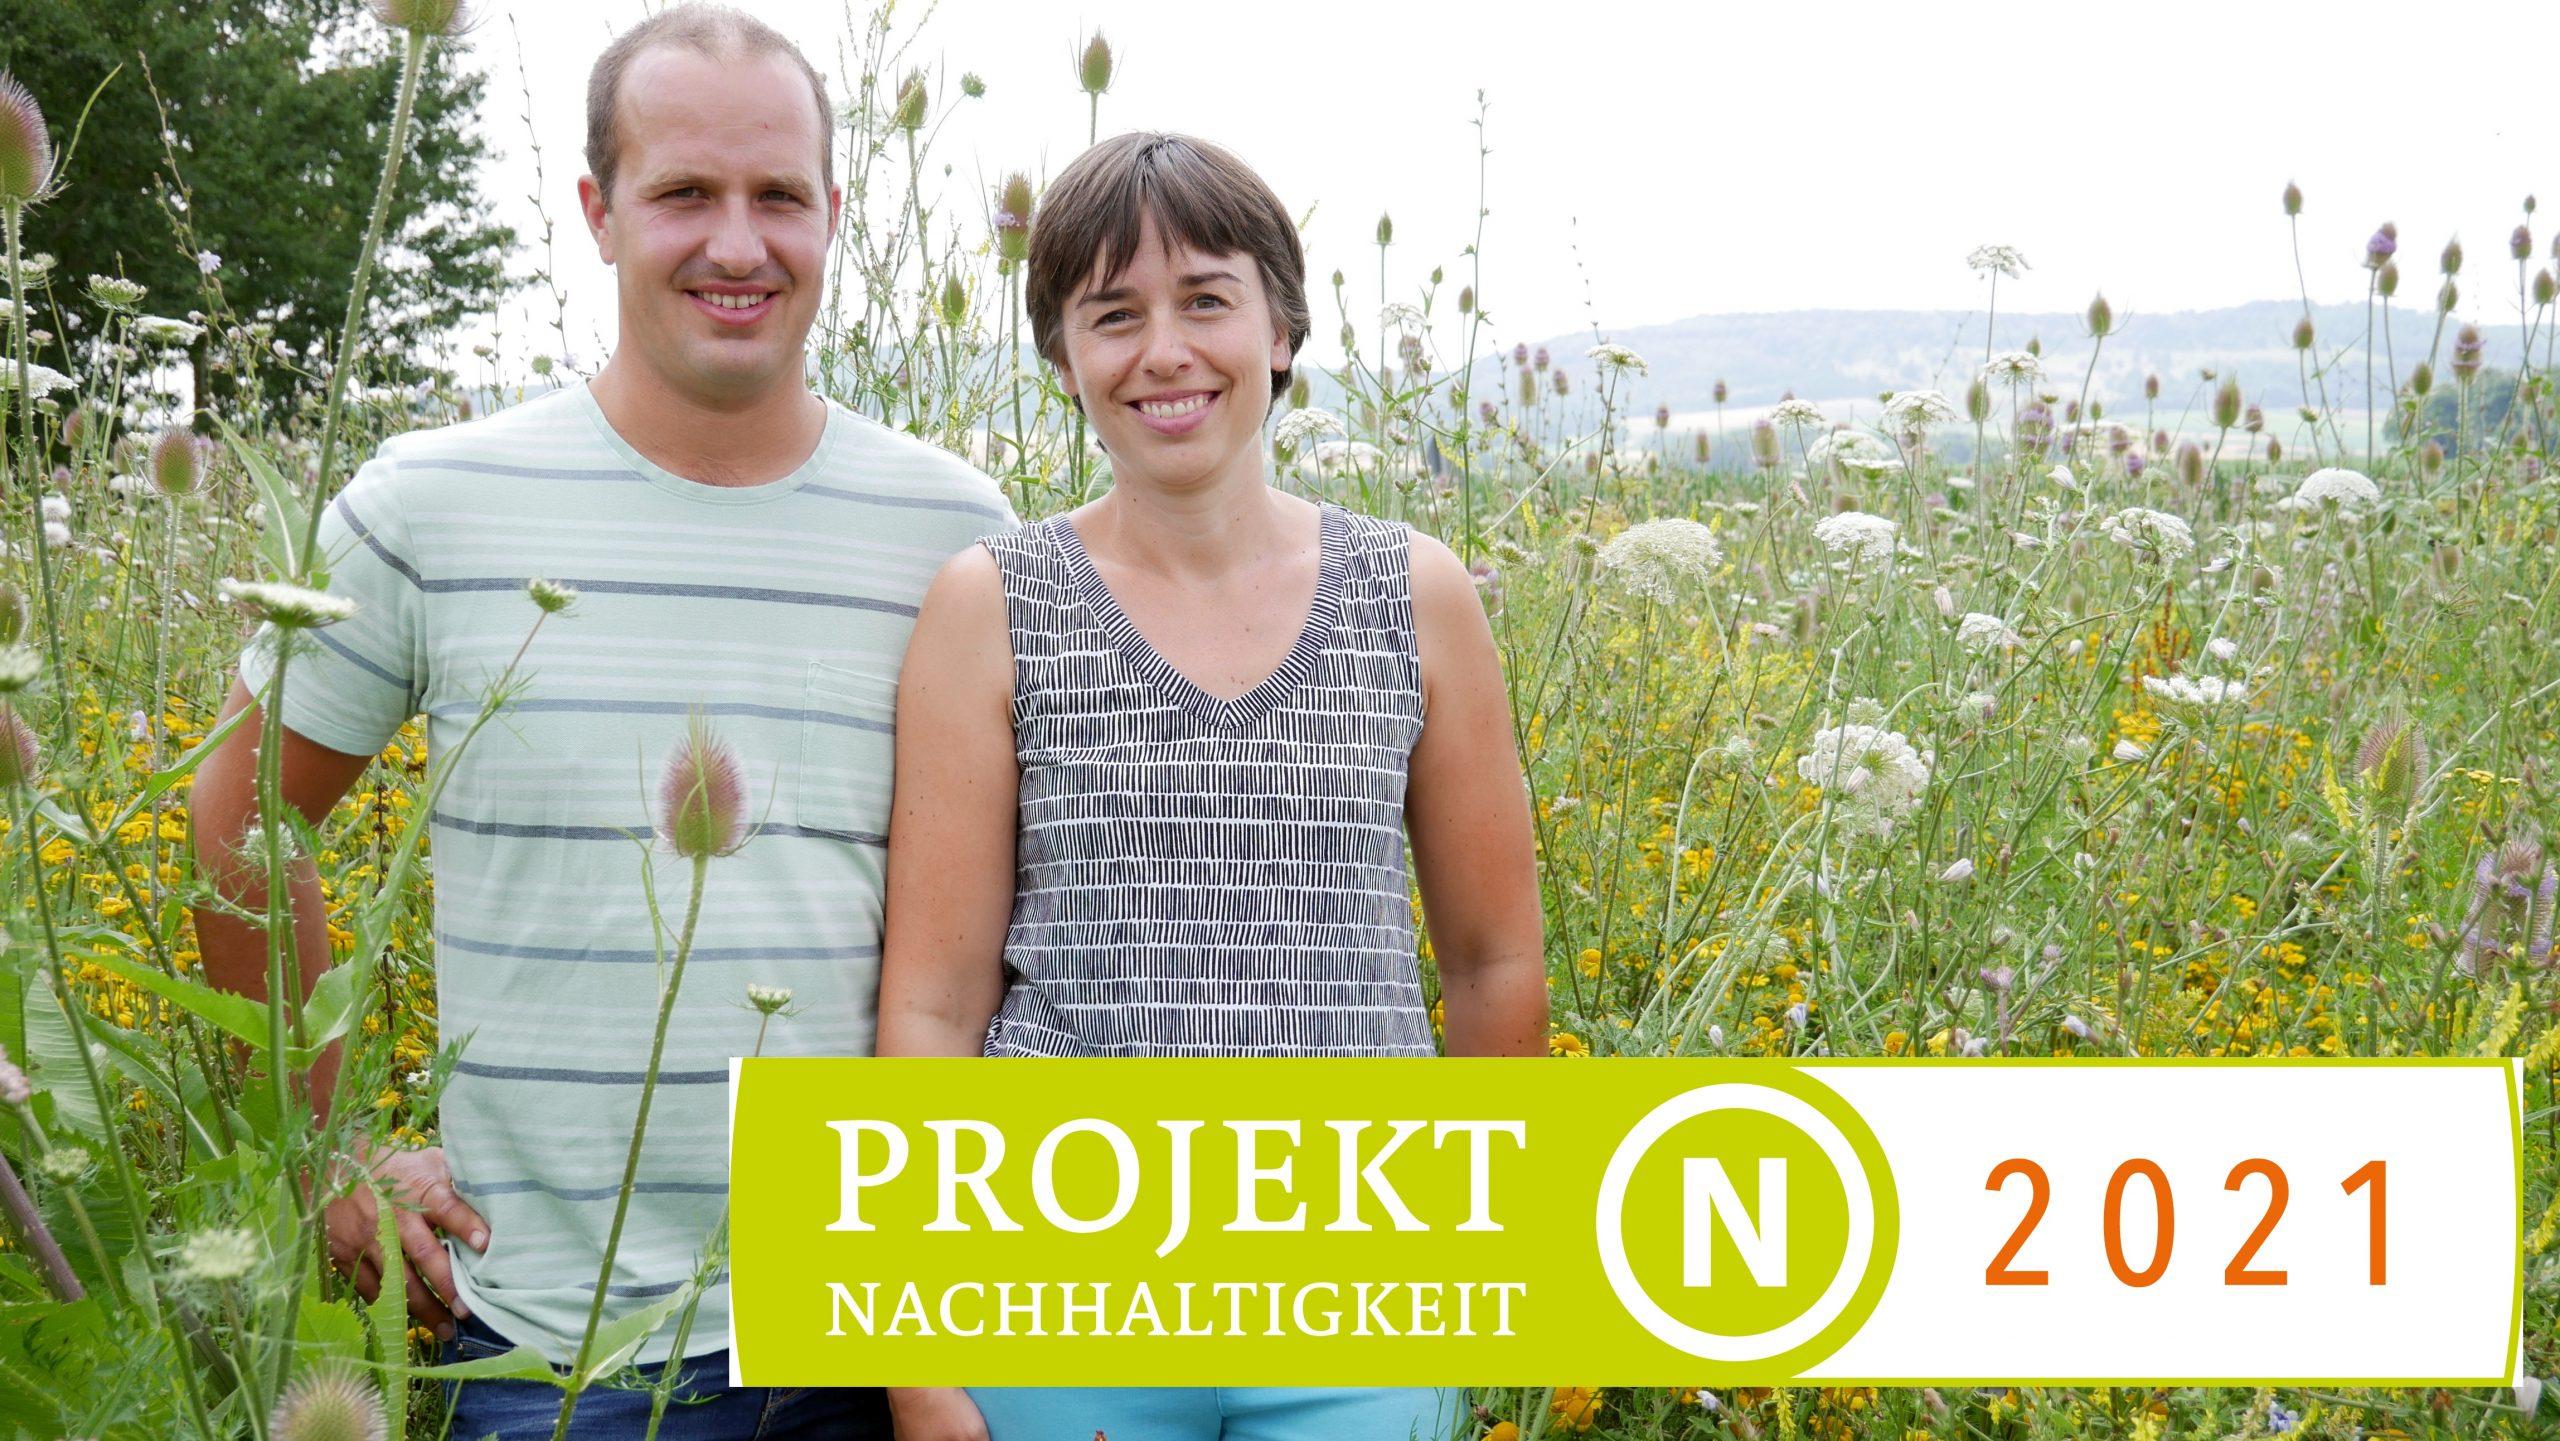 Martin und Nina Busch (Landwirte und Projekt-Teilnehmer aus Dambach), © N-ERGIE, Foto: Michael Enderlein